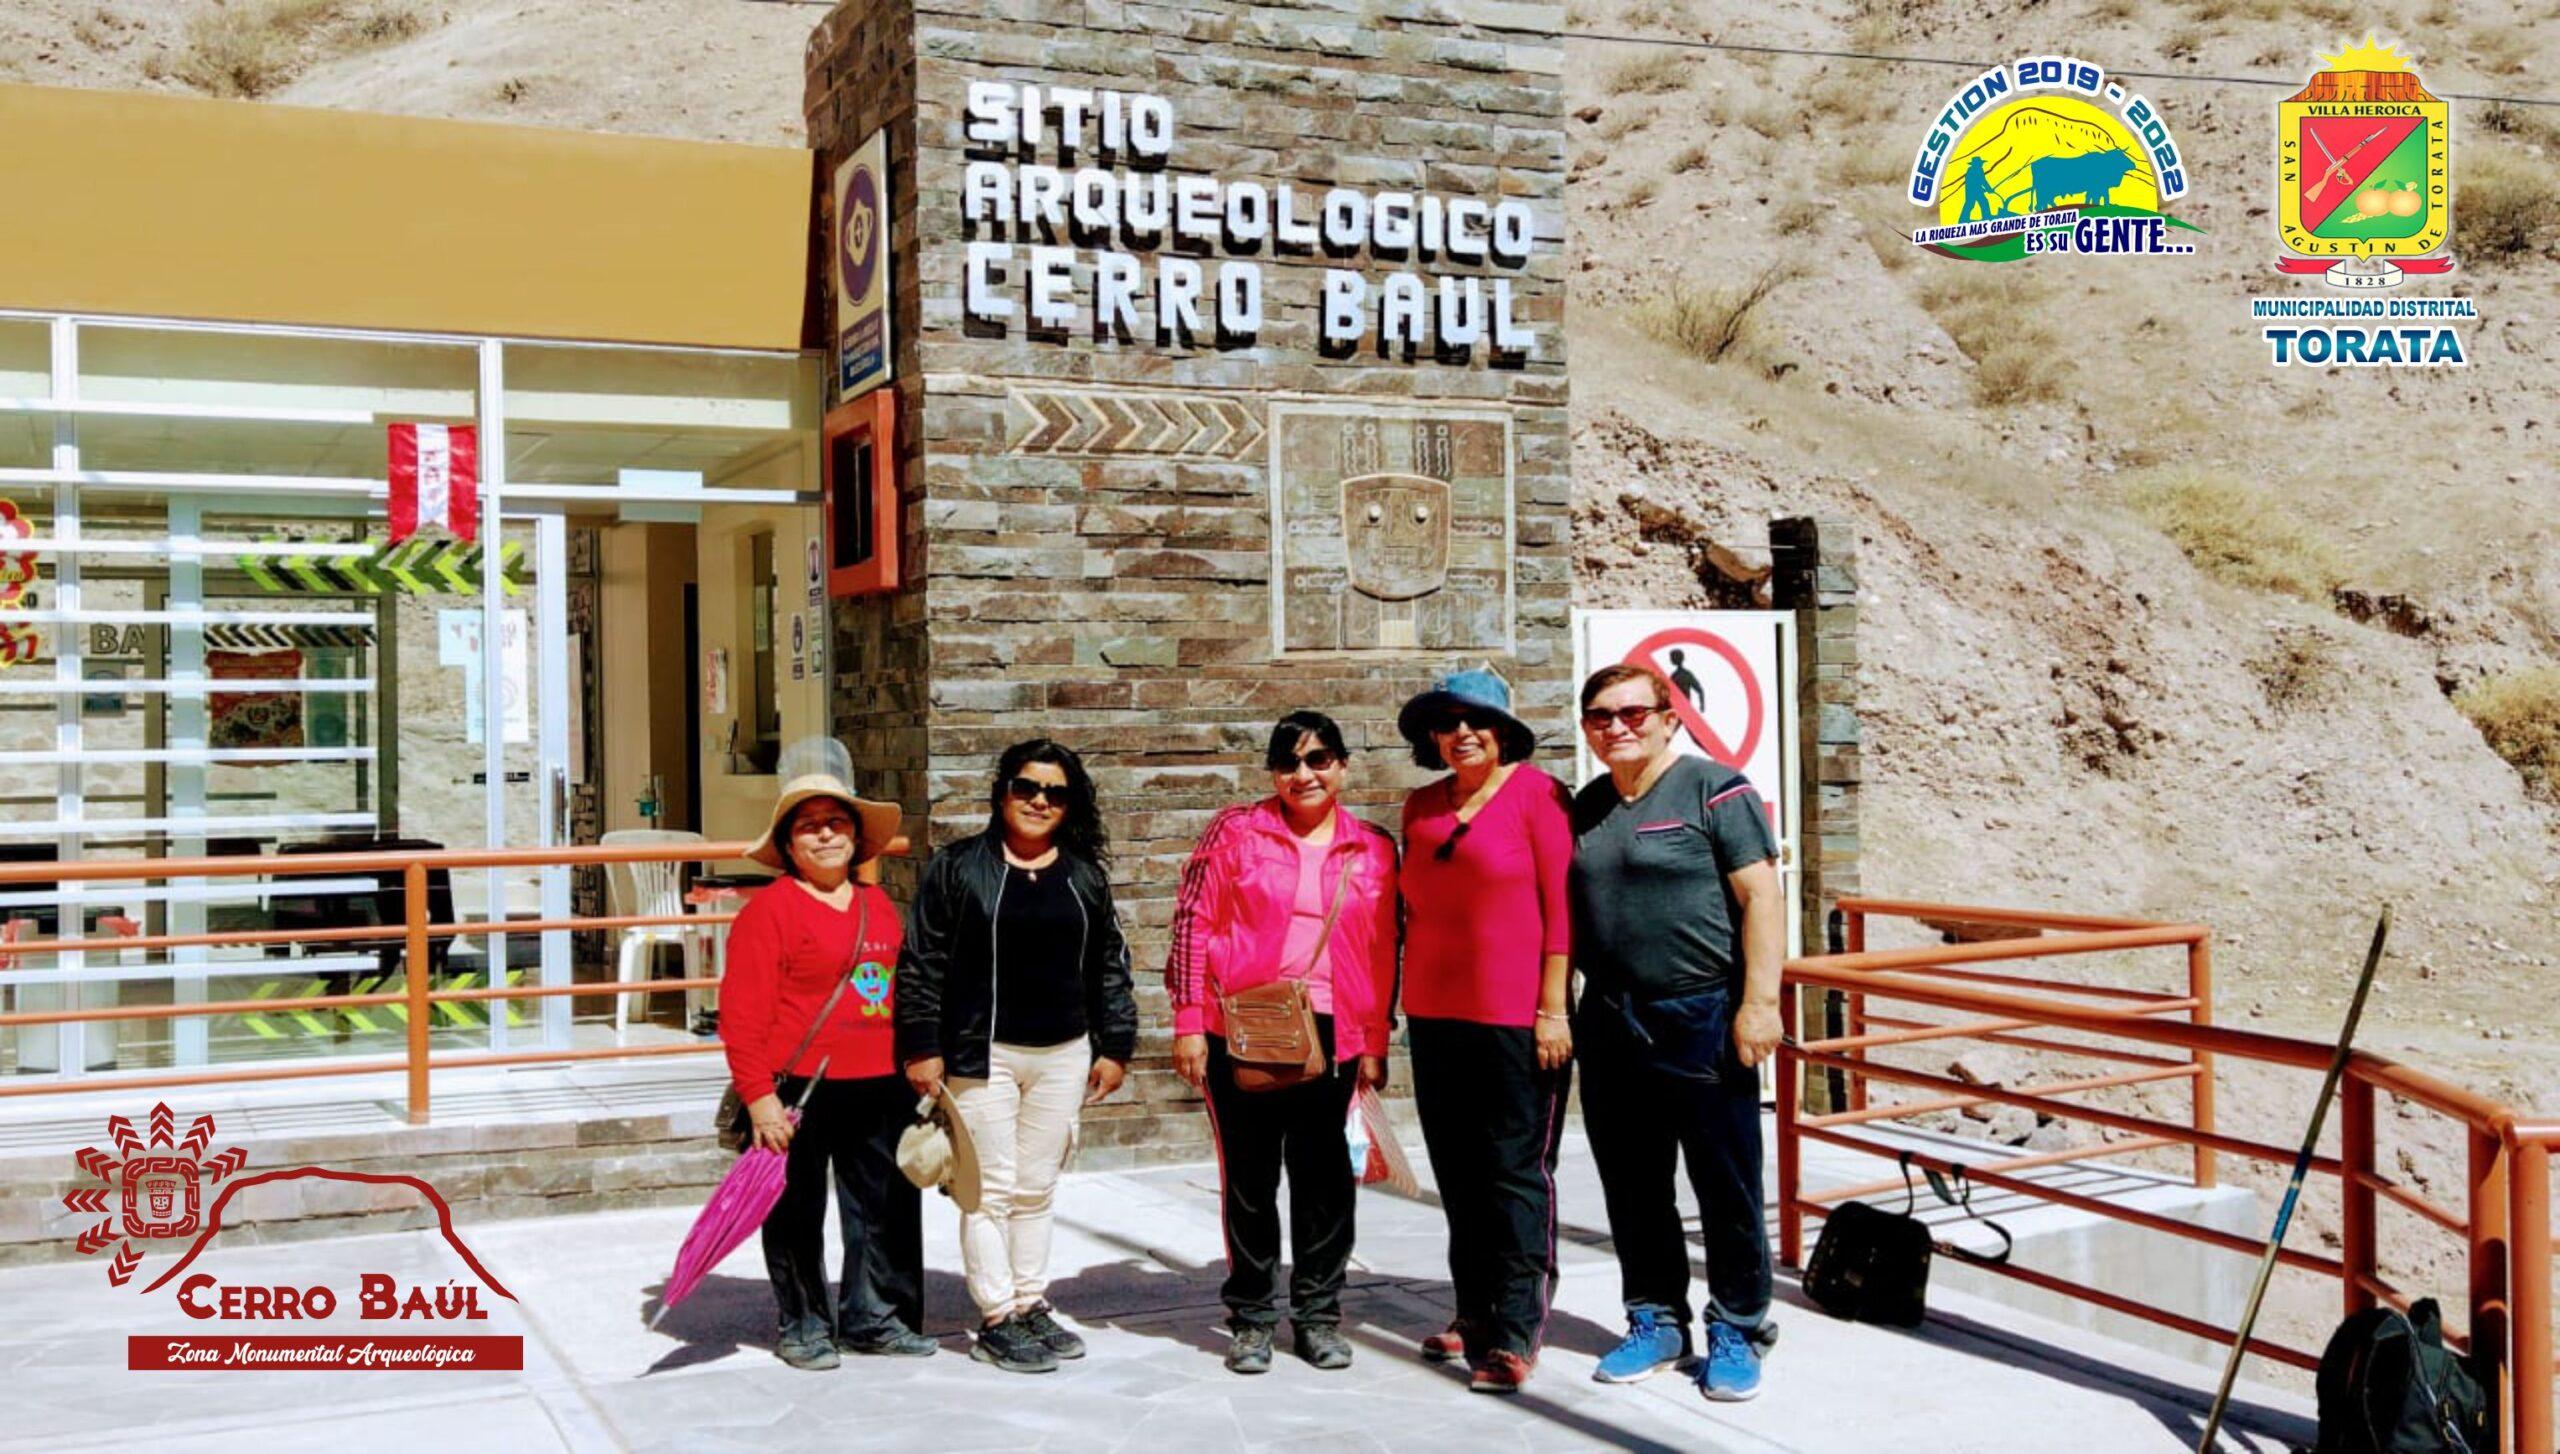 visita-cerrobaul-santafortunata